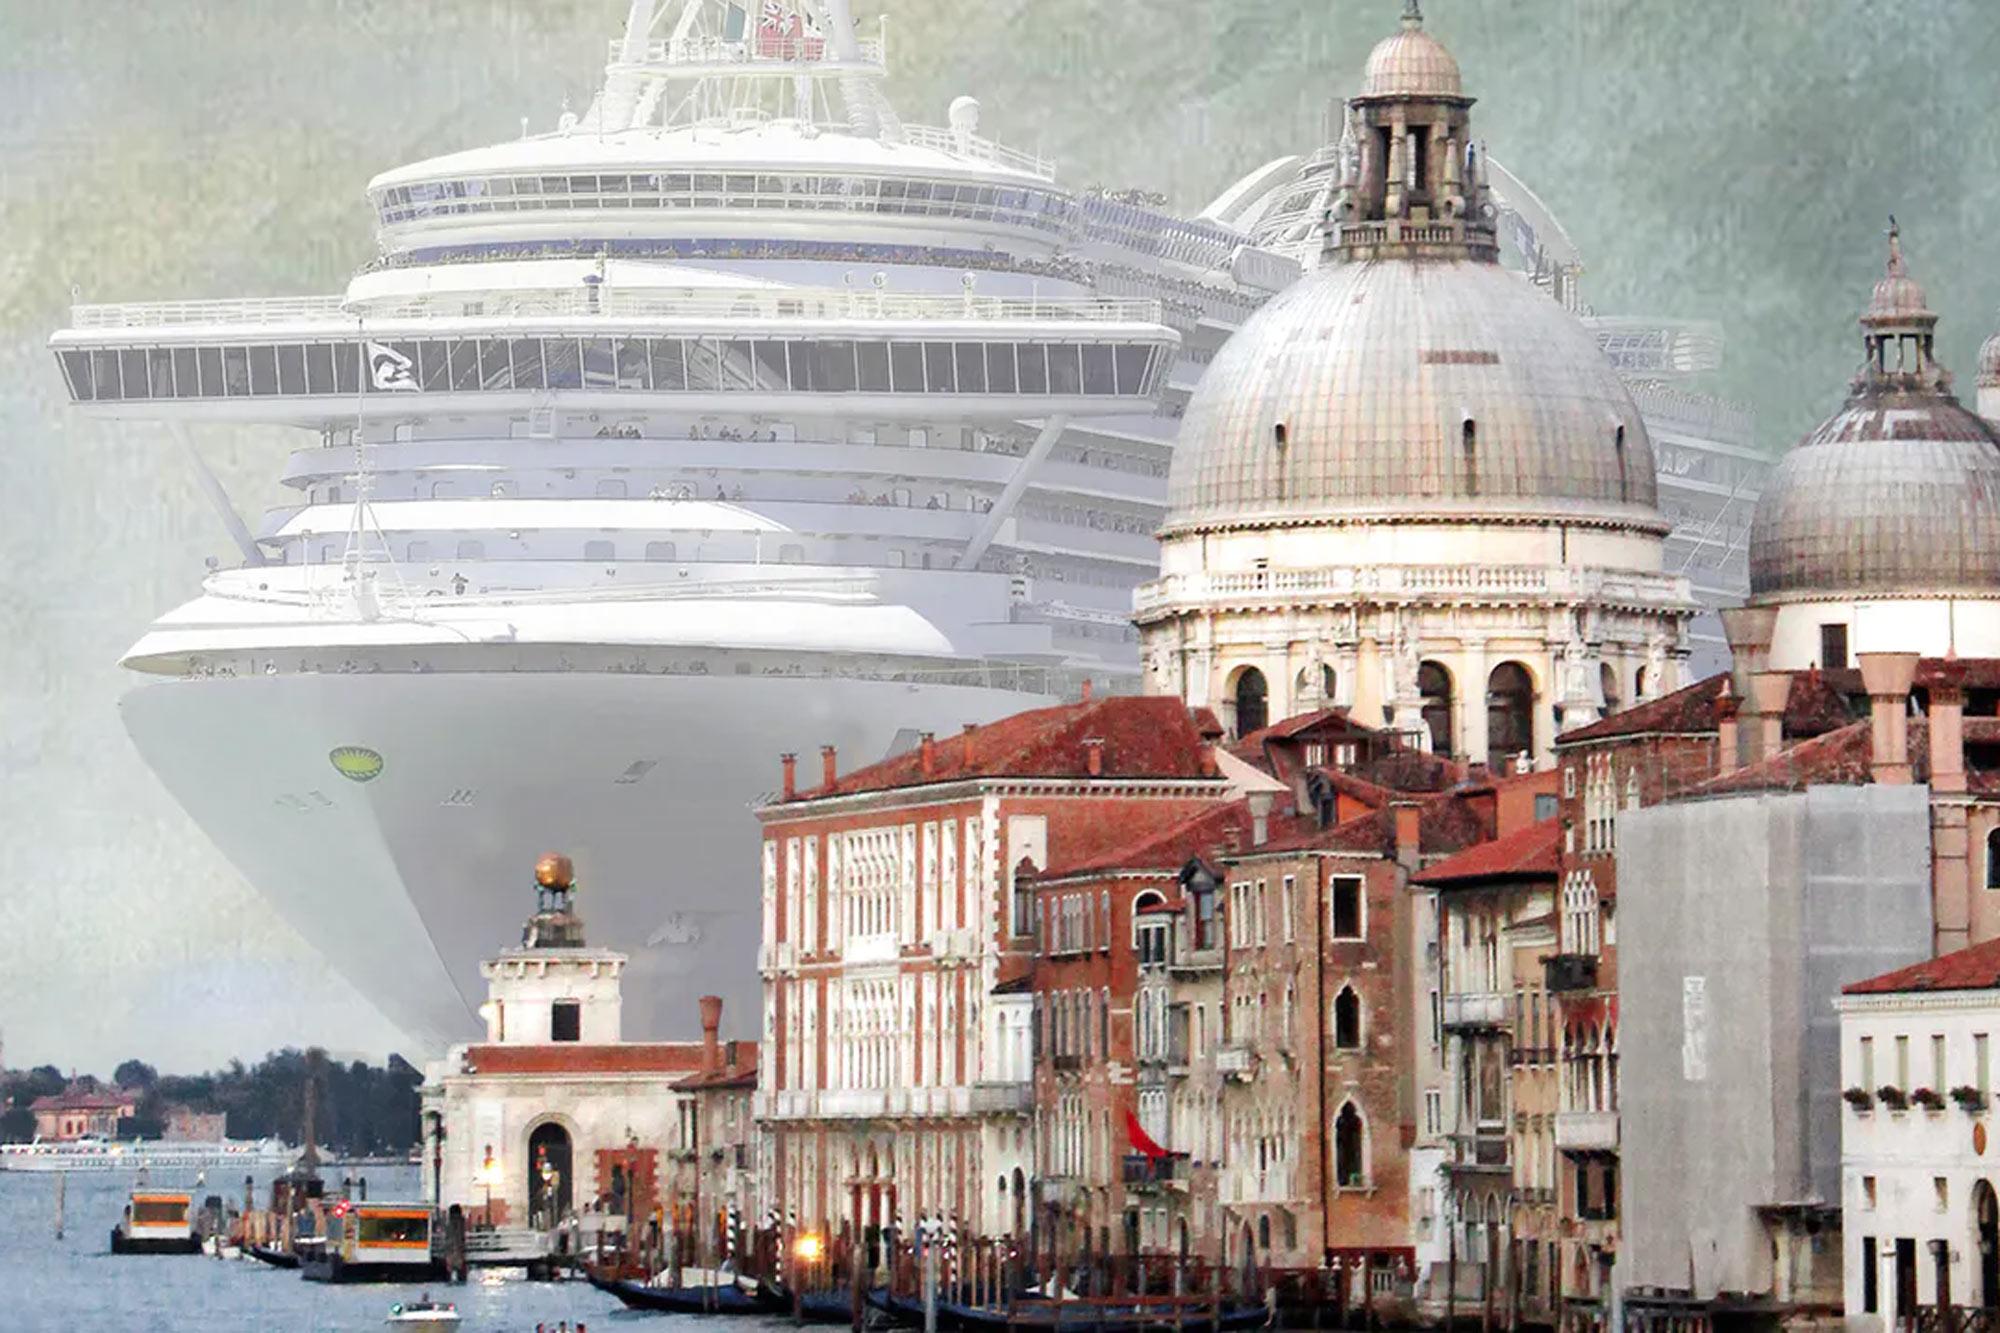 20 dokumentaraca o turizmu koje moramo pogledati: Utjecaji turističkih migracija na okoliš i lokalnu zajednicu